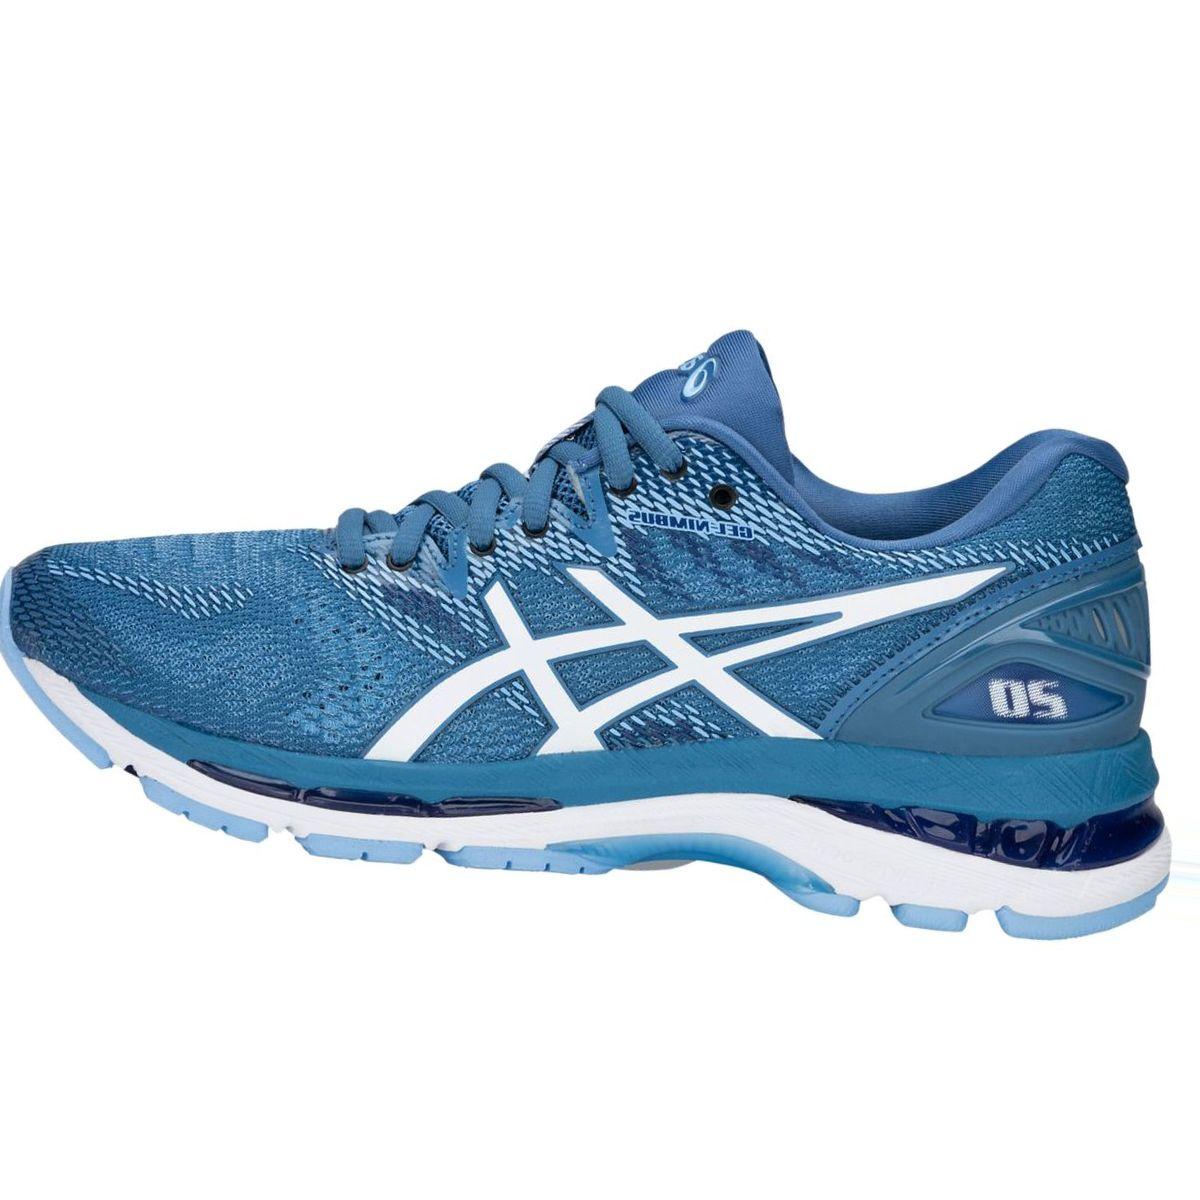 Asics Gel-Nimbus 20 Running Shoe - Women's